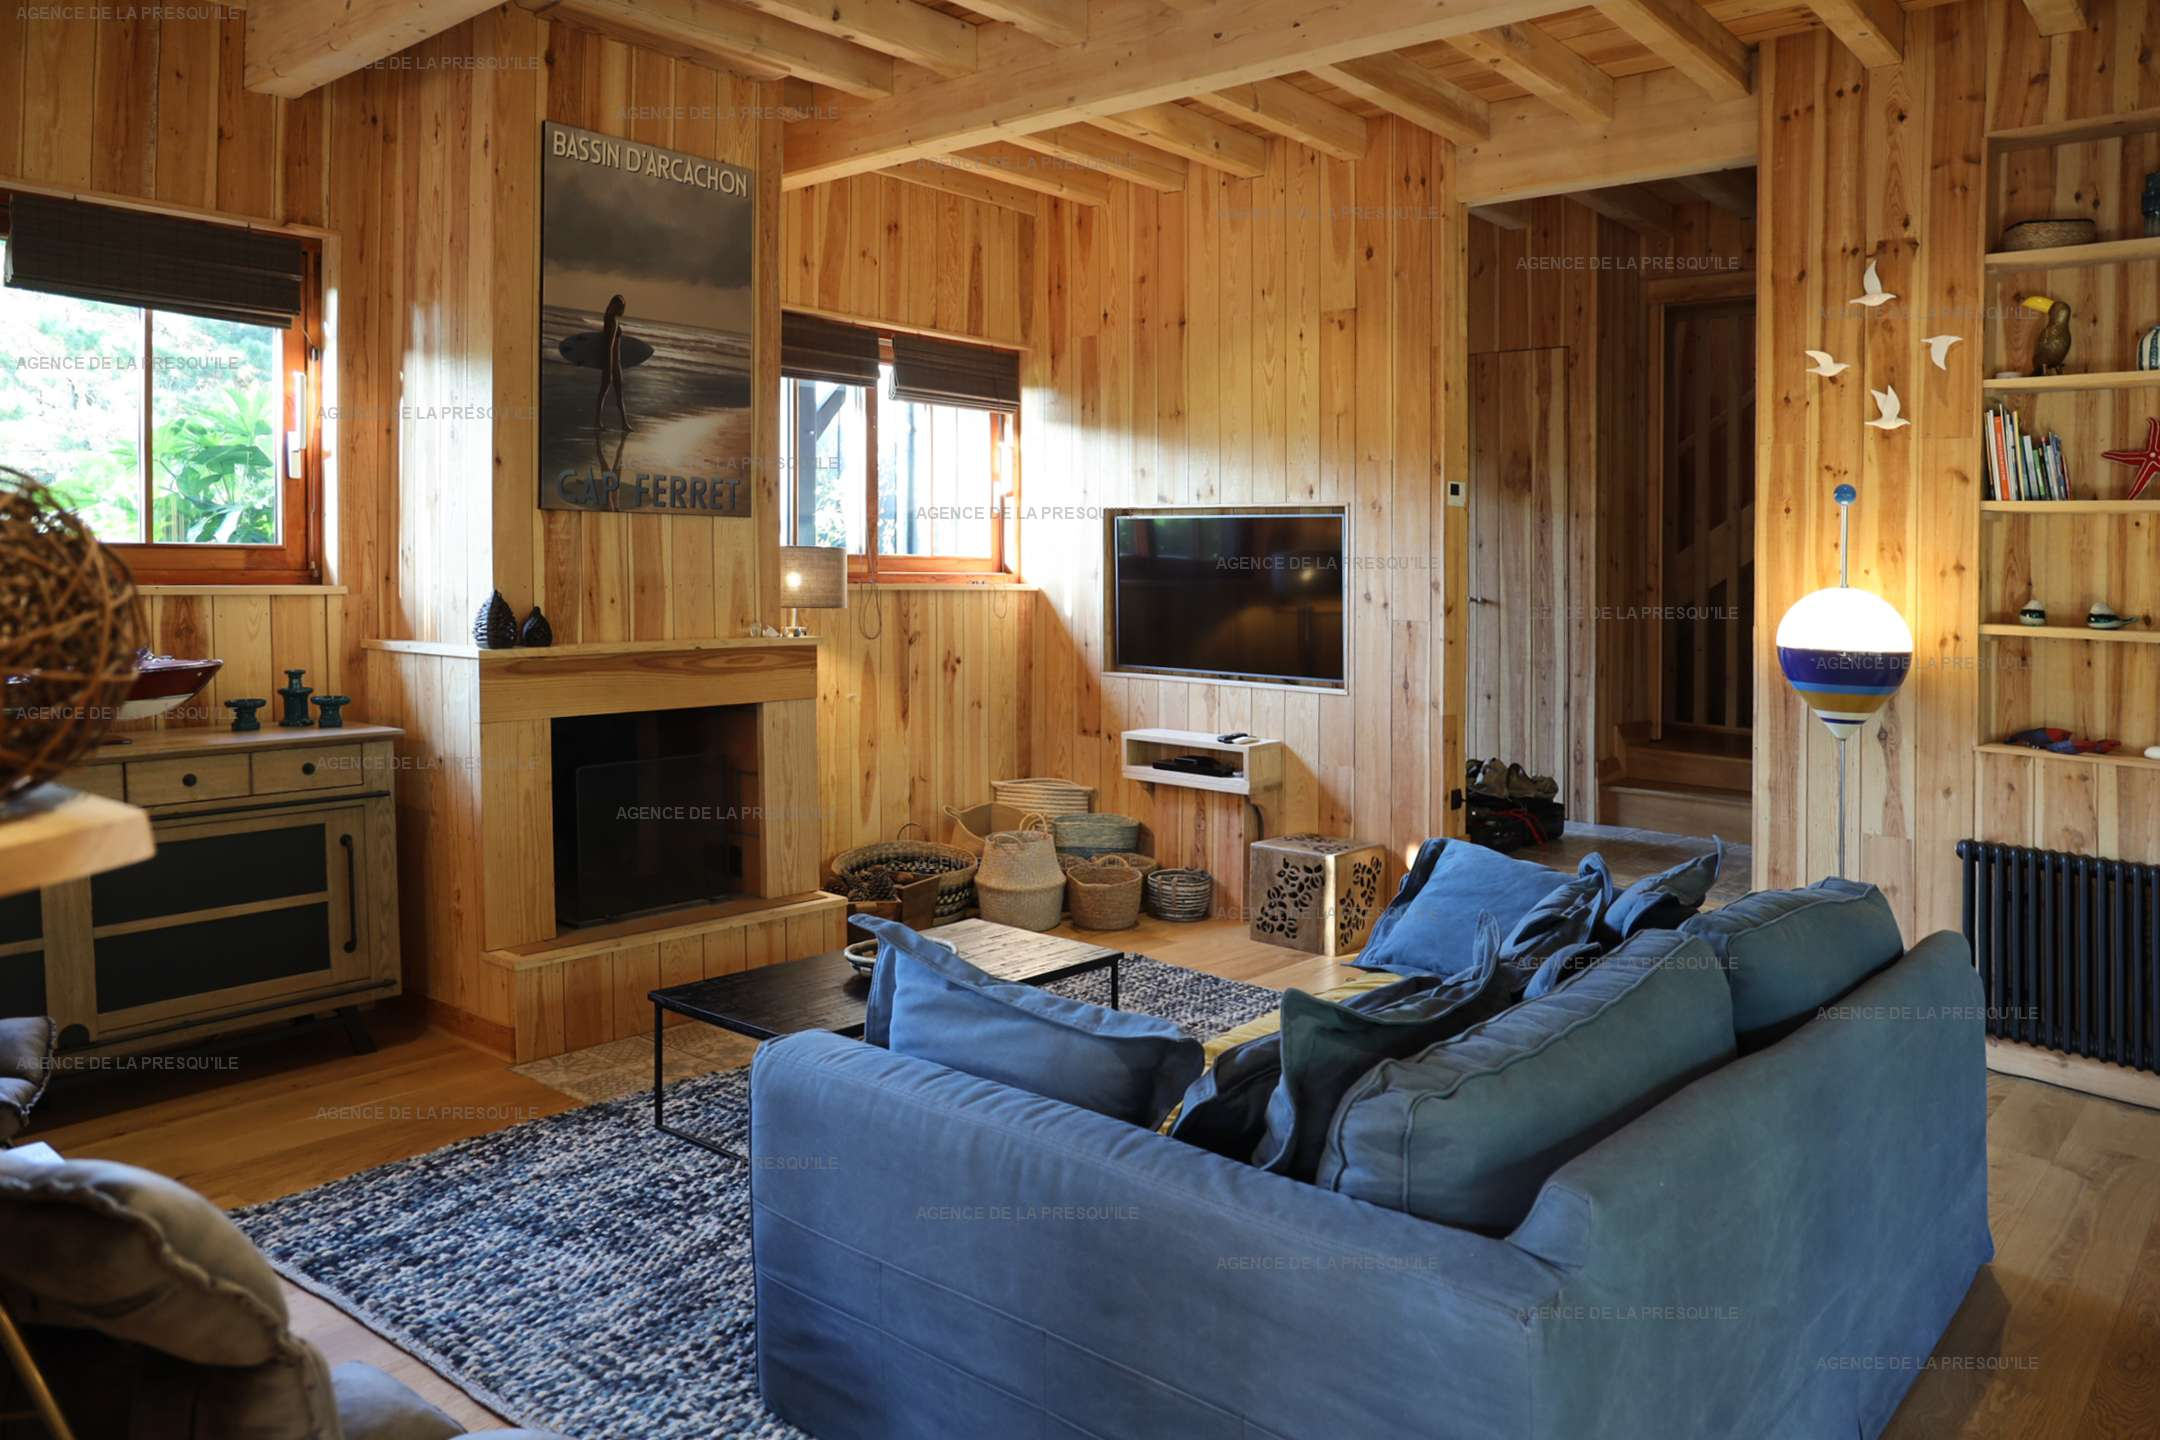 Location: Séduisante villa en bois neuve avec piscine 4